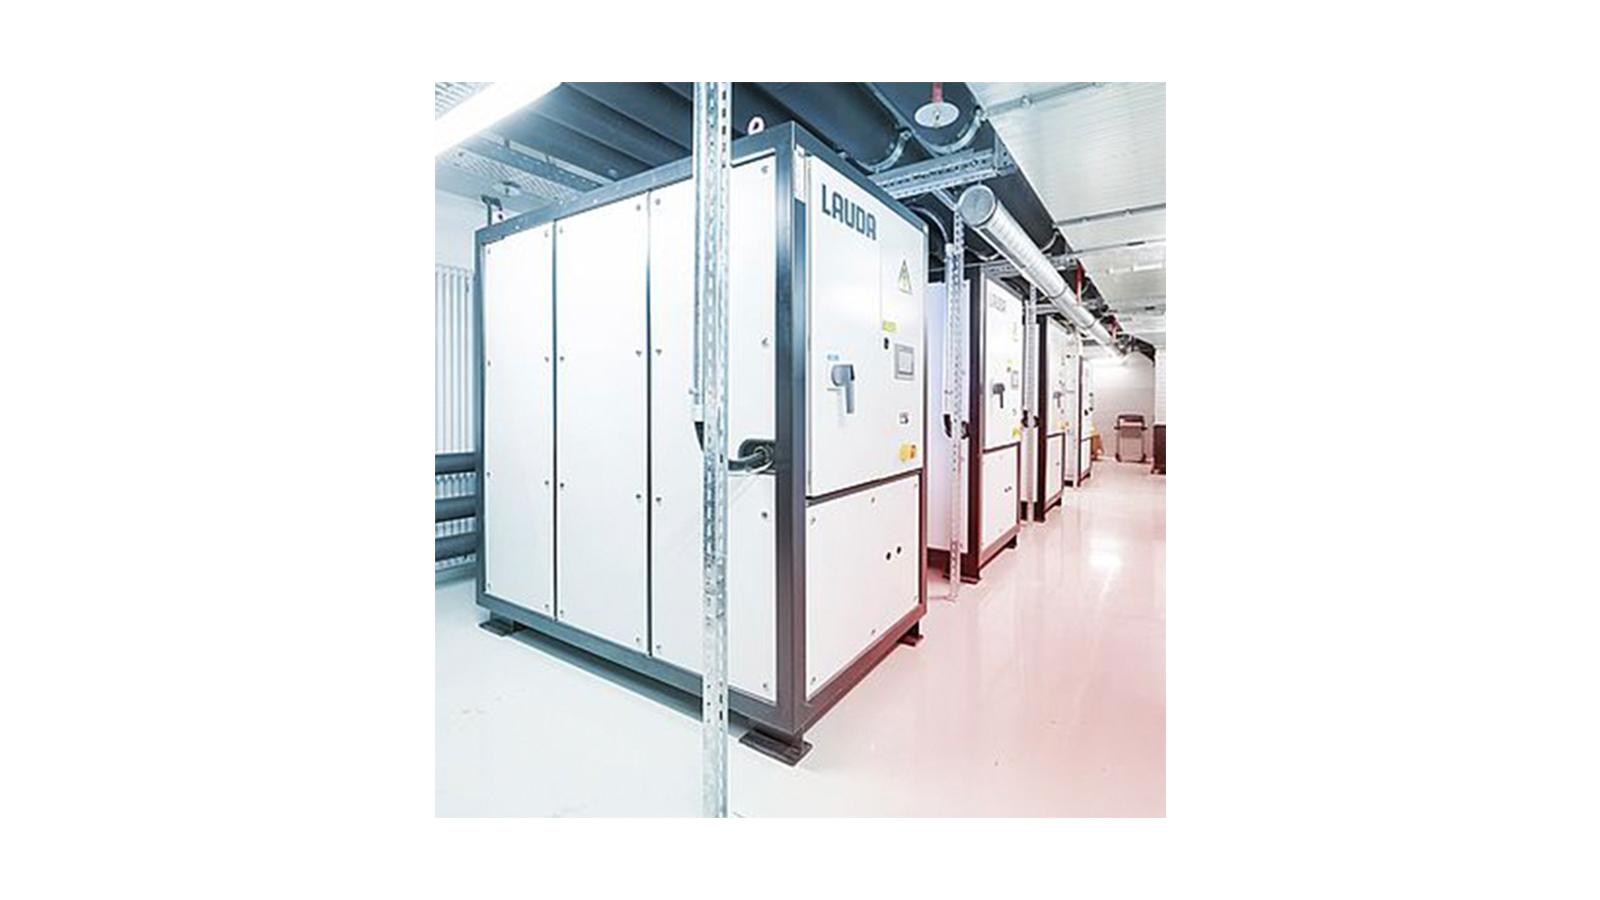 Process Soğutma Sistemleri    Merlab Laboratuvar Ekipmanları